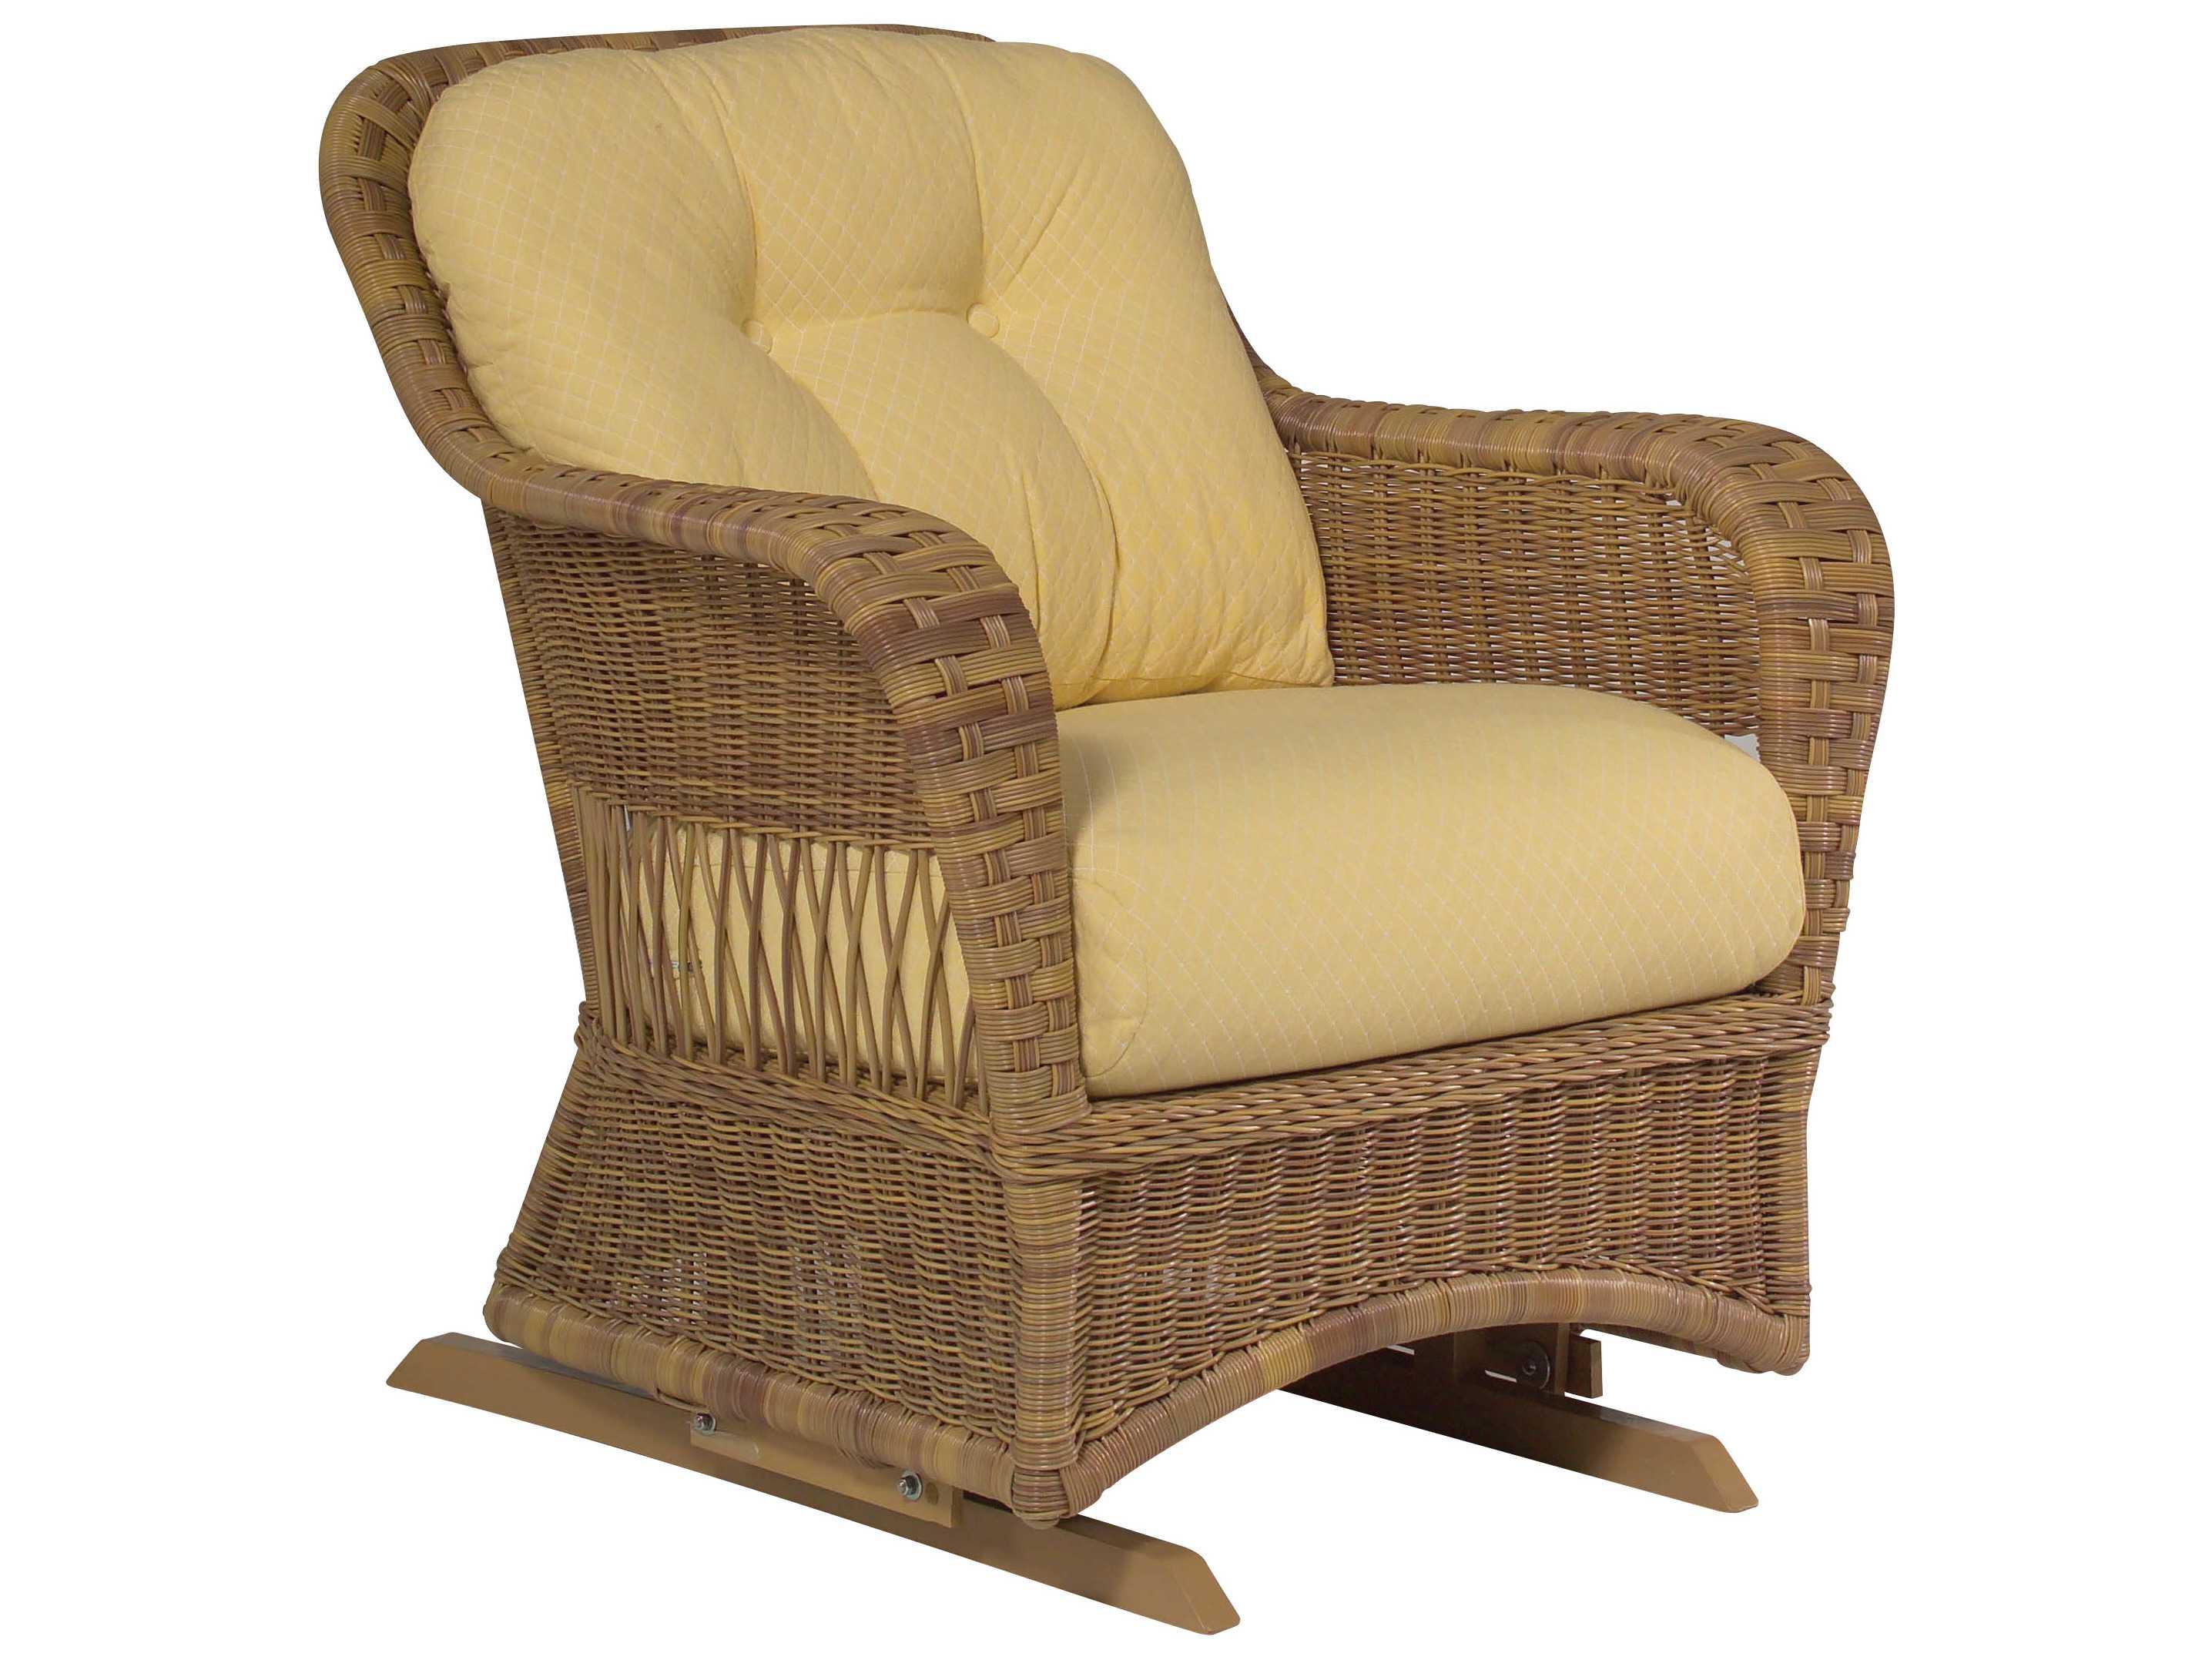 Whitecraft Sommerwind Wicker Glider Lounge Chair